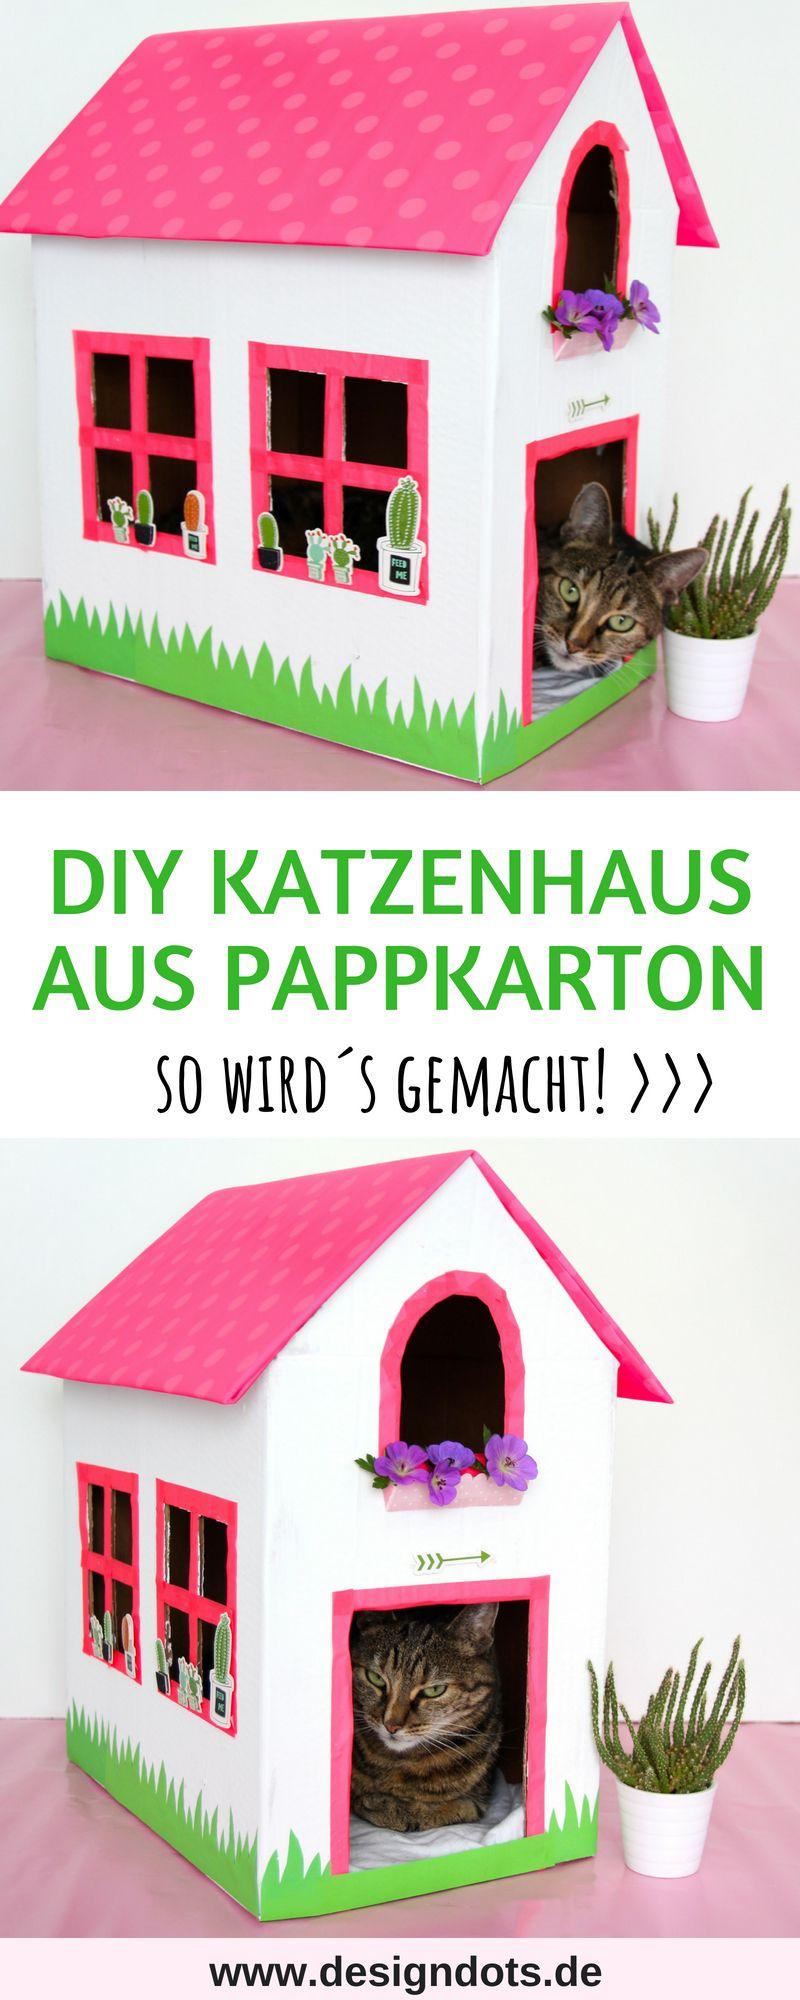 katzenhaus aus einem alten karton basteln diy pinterest diy cats und house. Black Bedroom Furniture Sets. Home Design Ideas